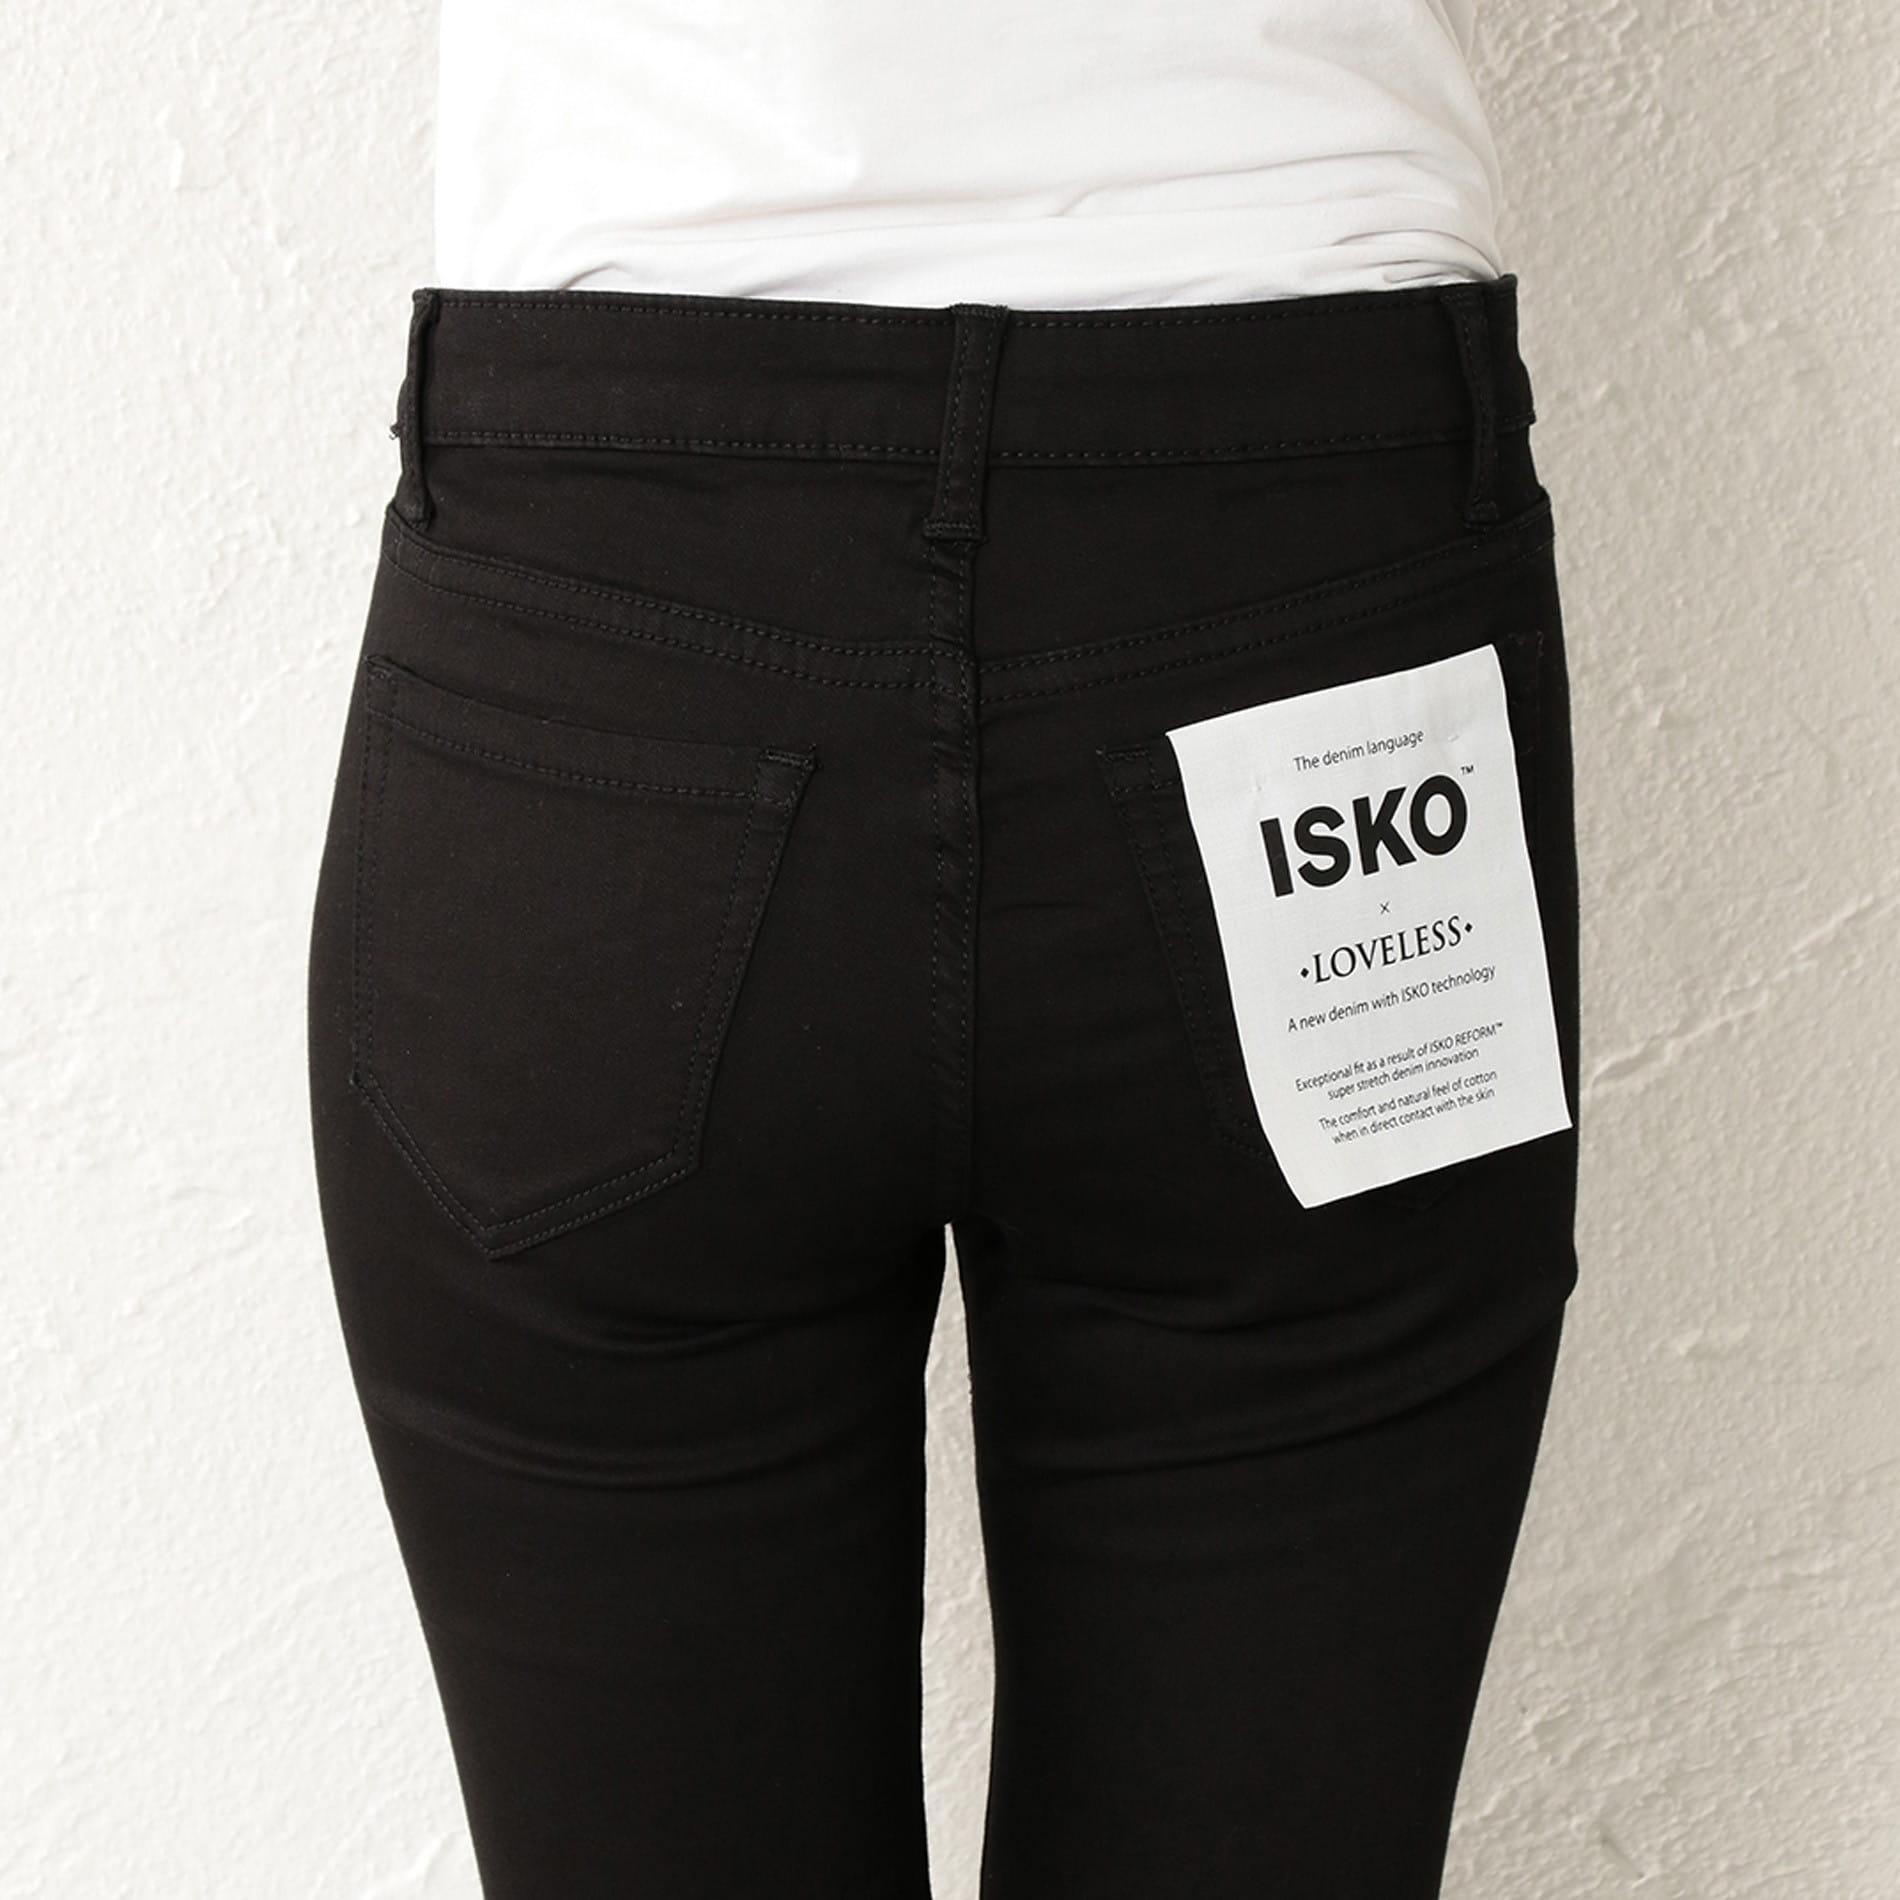 WOMEN ISKO ハイブリッドブラックデニムパンツ